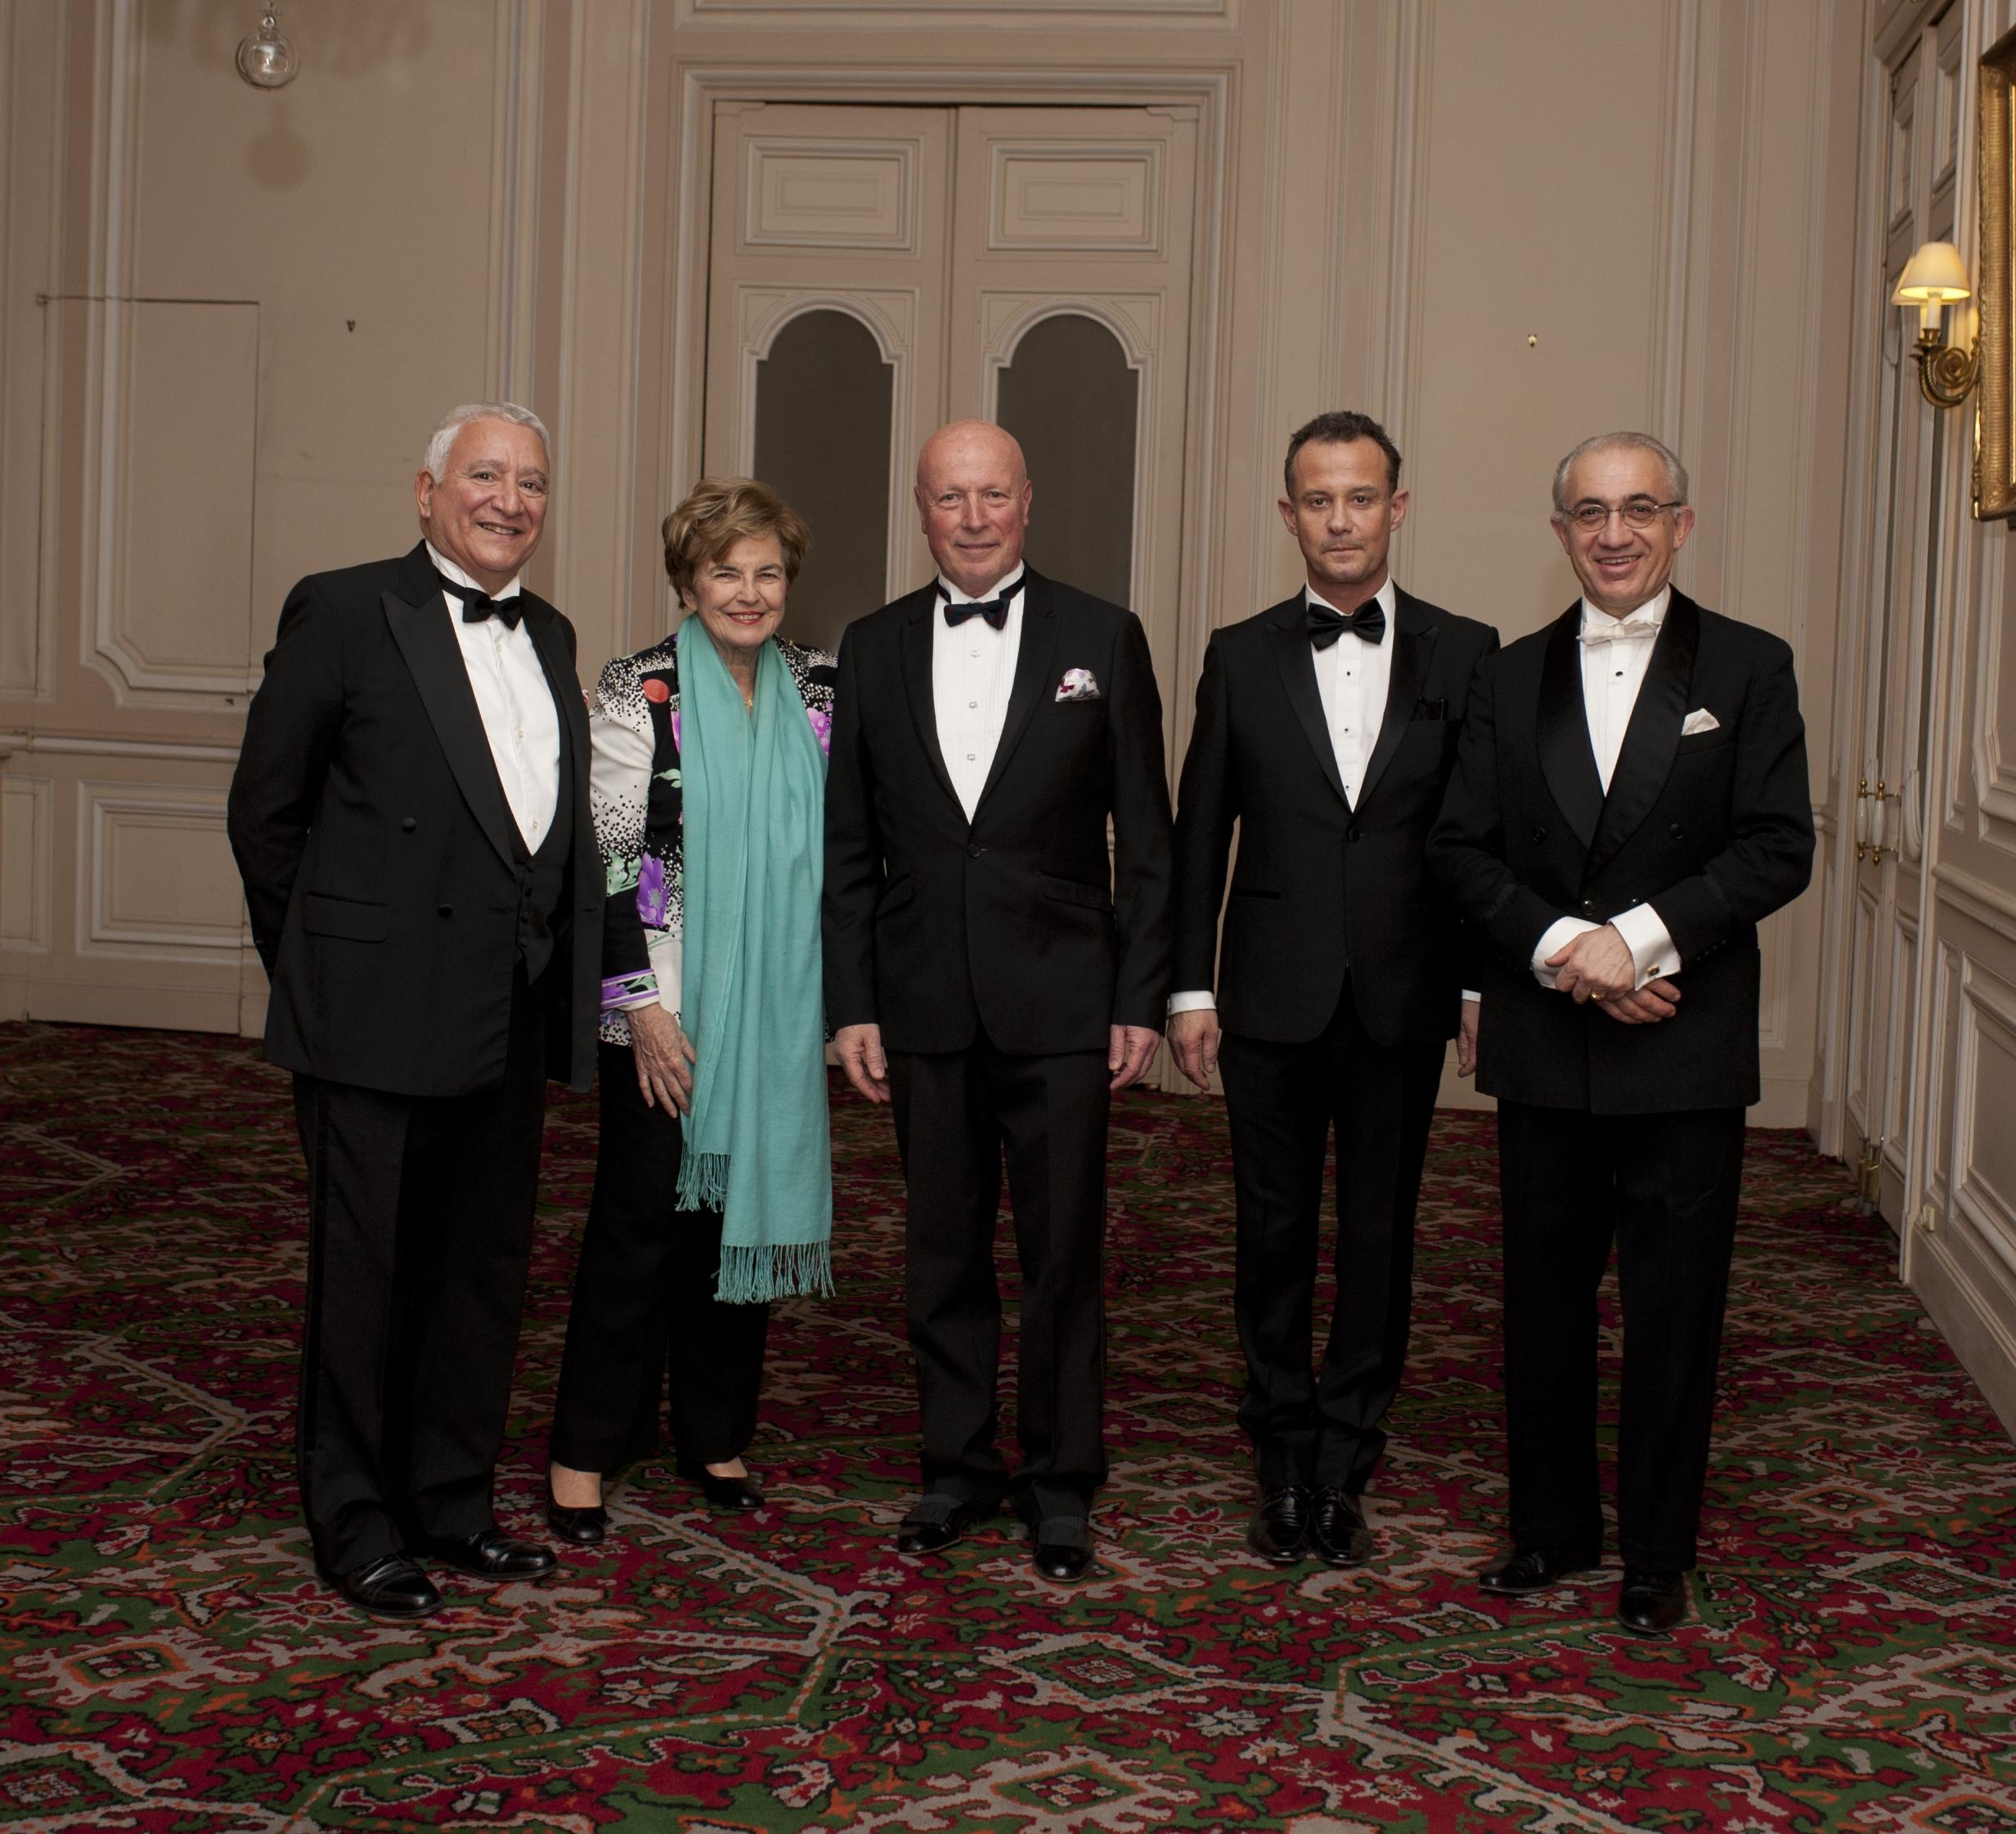 Jean-Daniel TORDJMAN - Mme TORDJMAN - Baron François-Xavier de SAMBUCY de SORGUE - Francis BAILLET - Dr. SPITERRI